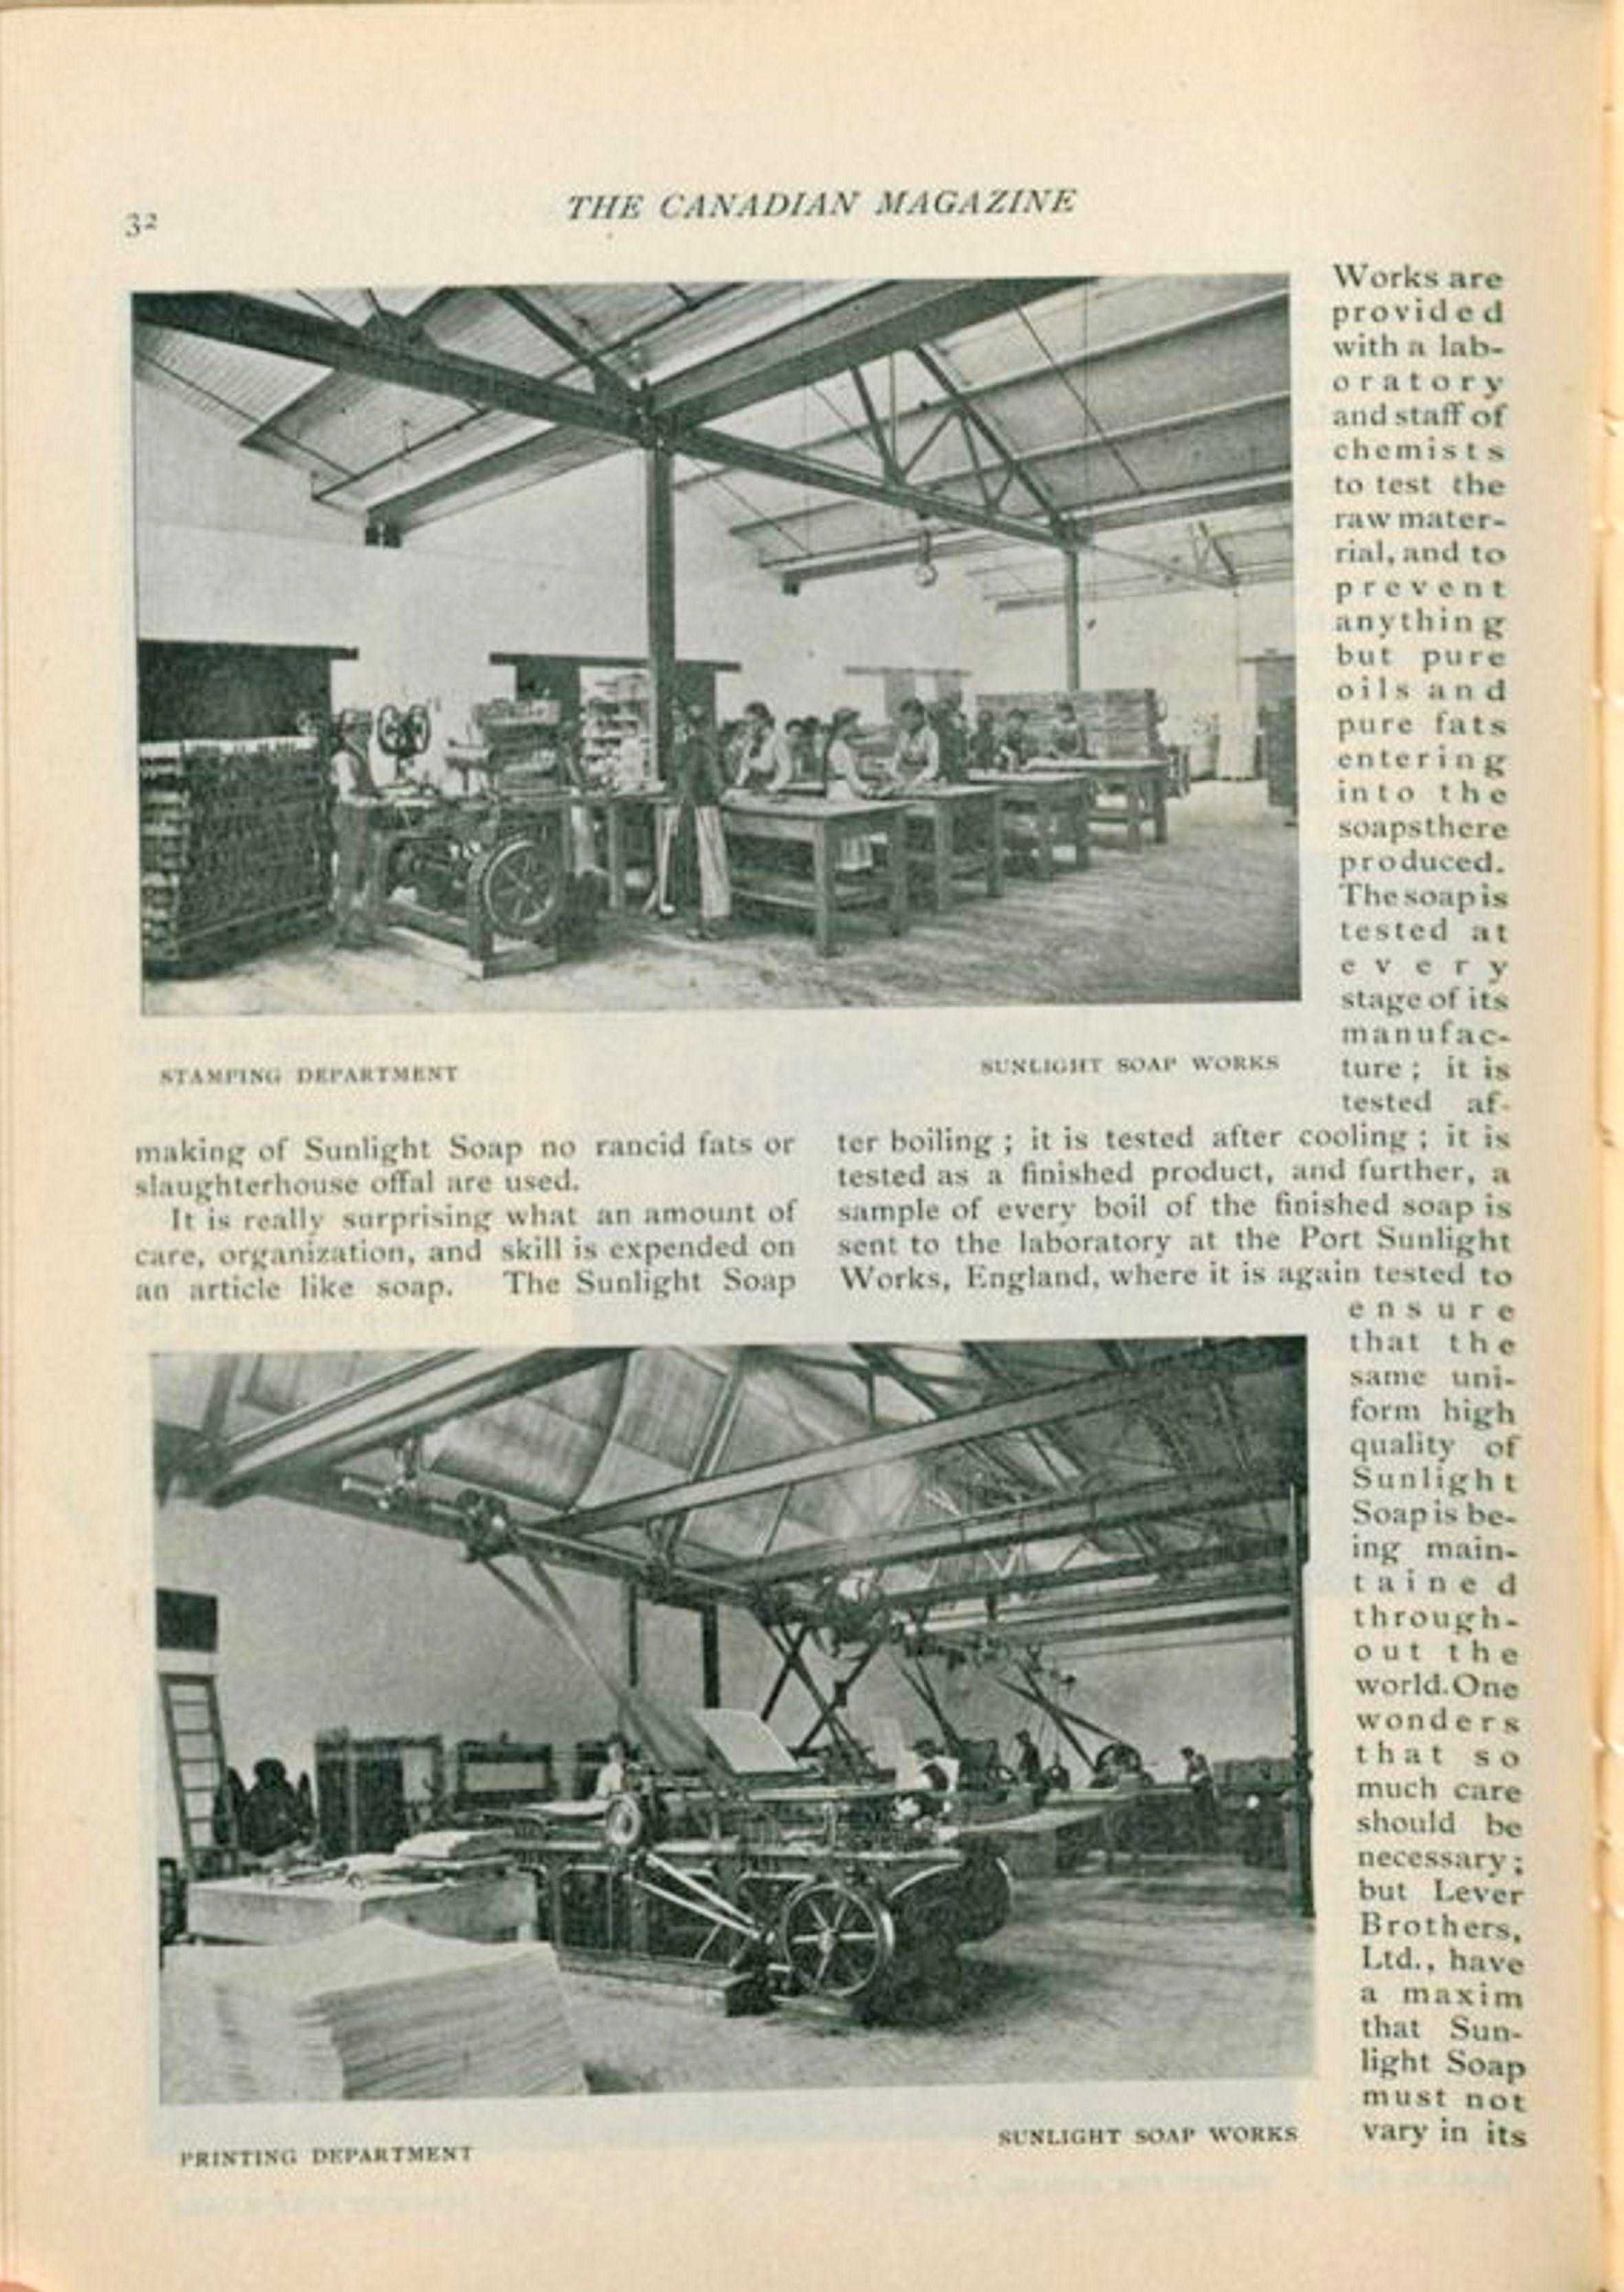 19011200 The Canadian magazine Vol. 18, no. 2 (Dec. 1901) 32